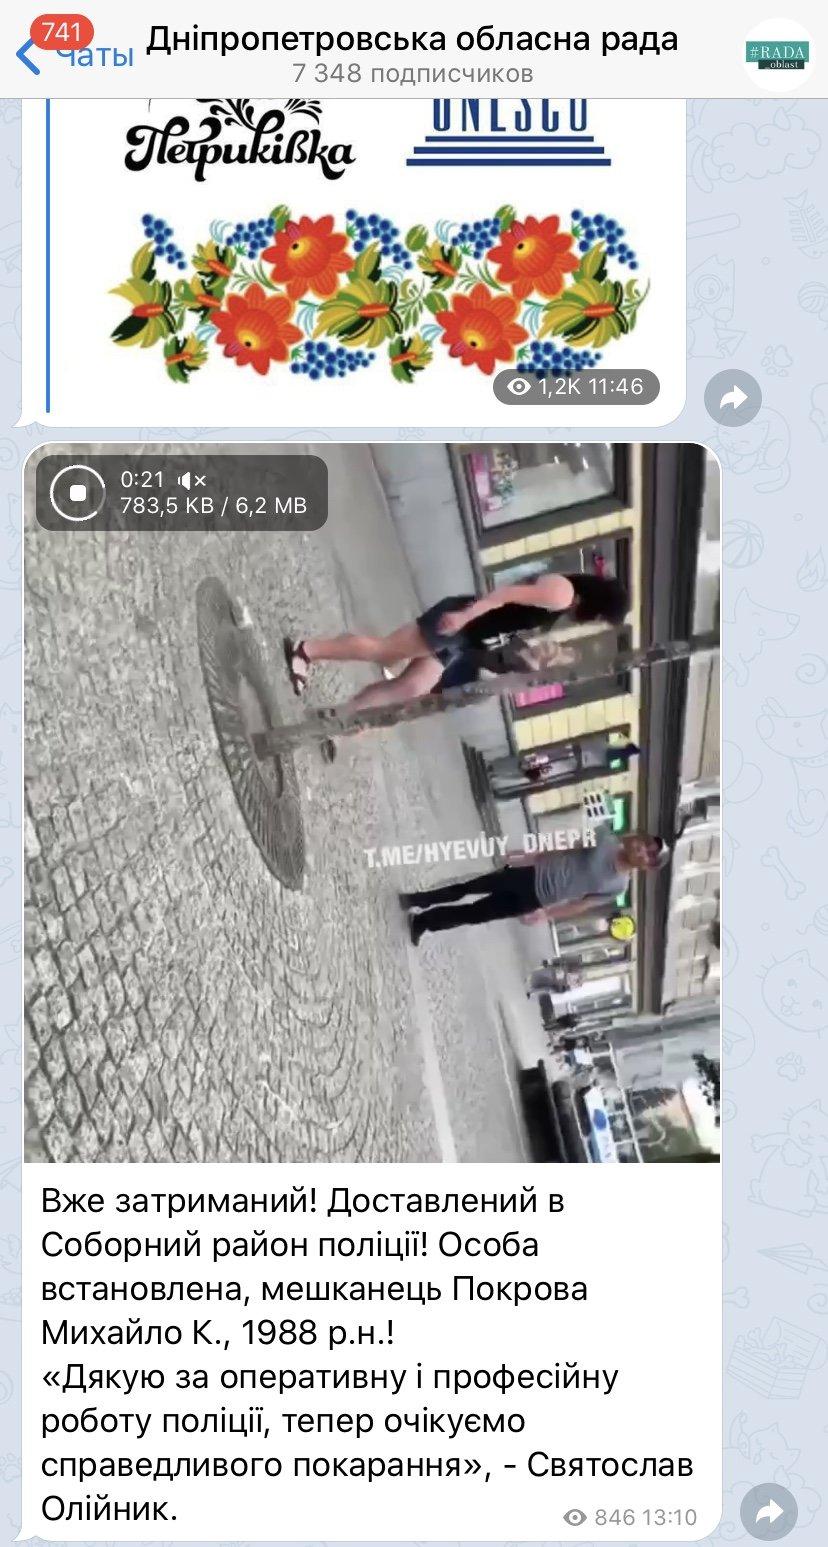 В центре Днепра избили женщину: мэр пообещал вознаграждение за поимку, обидчика задержали, - ВИДЕО 18+, фото-5